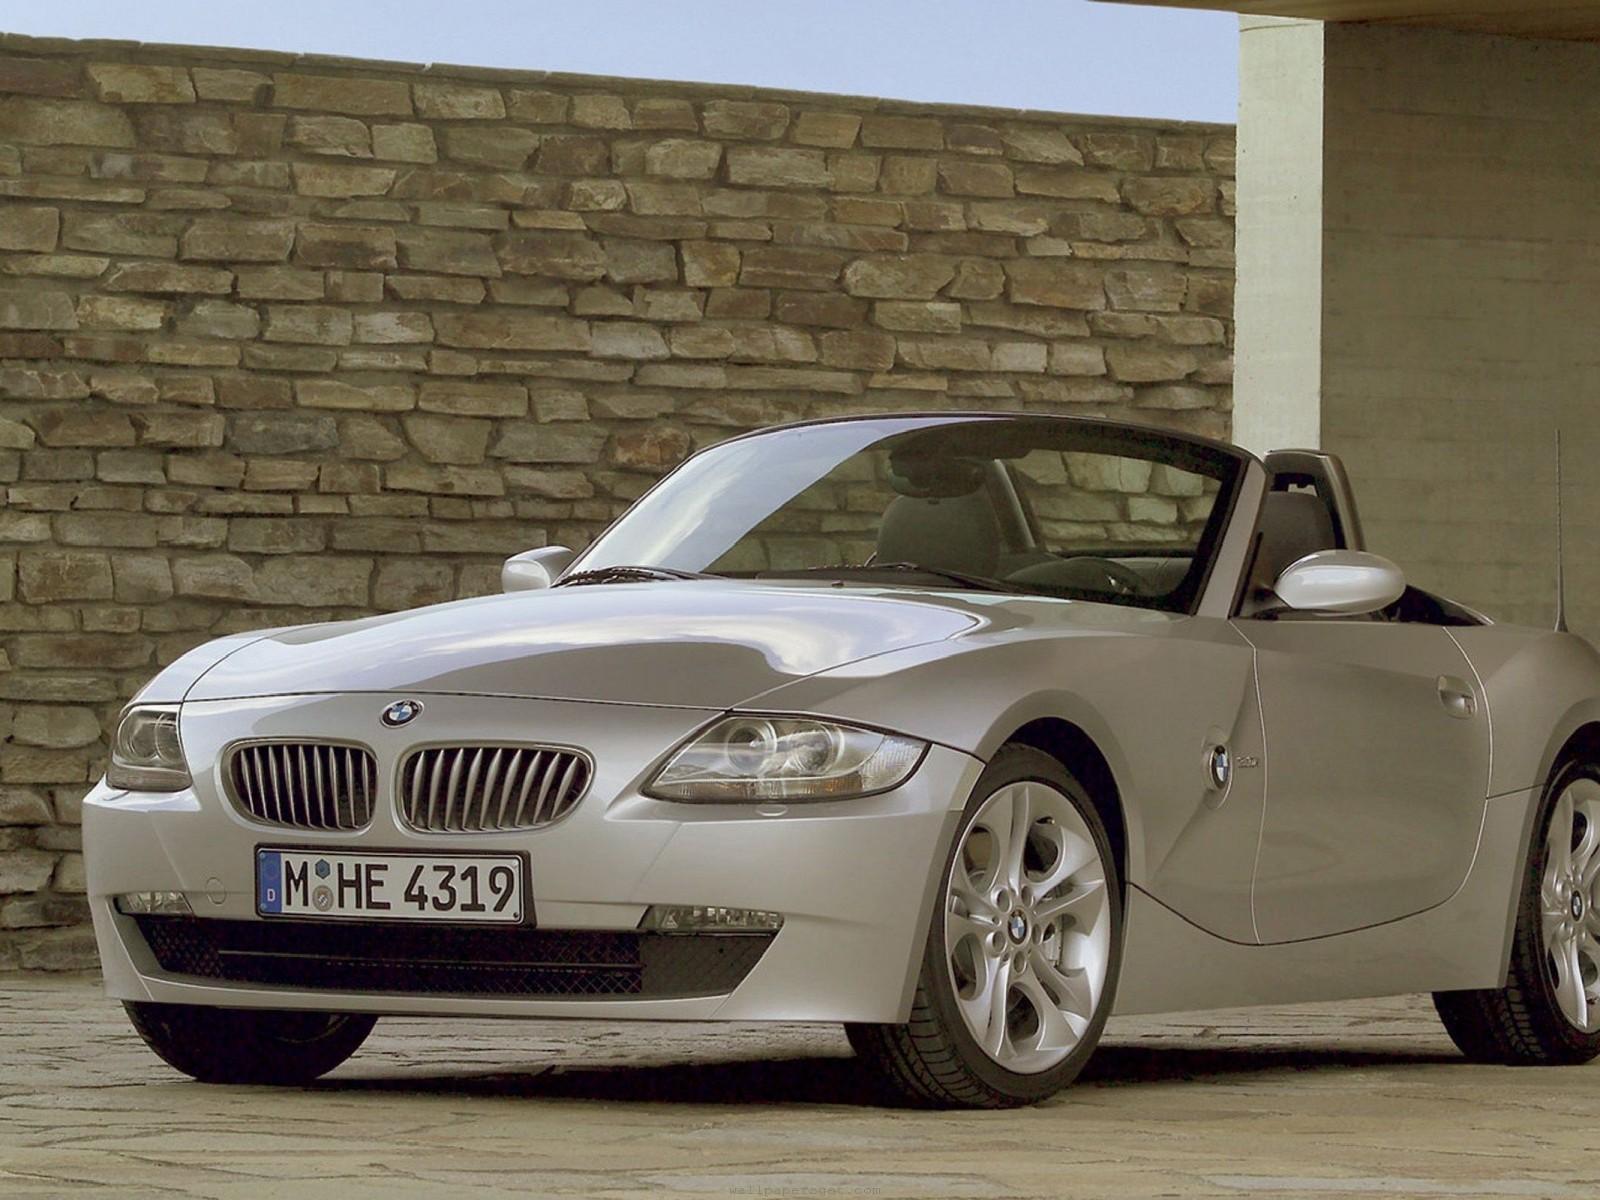 BMW 1600 CABRIOLET brown